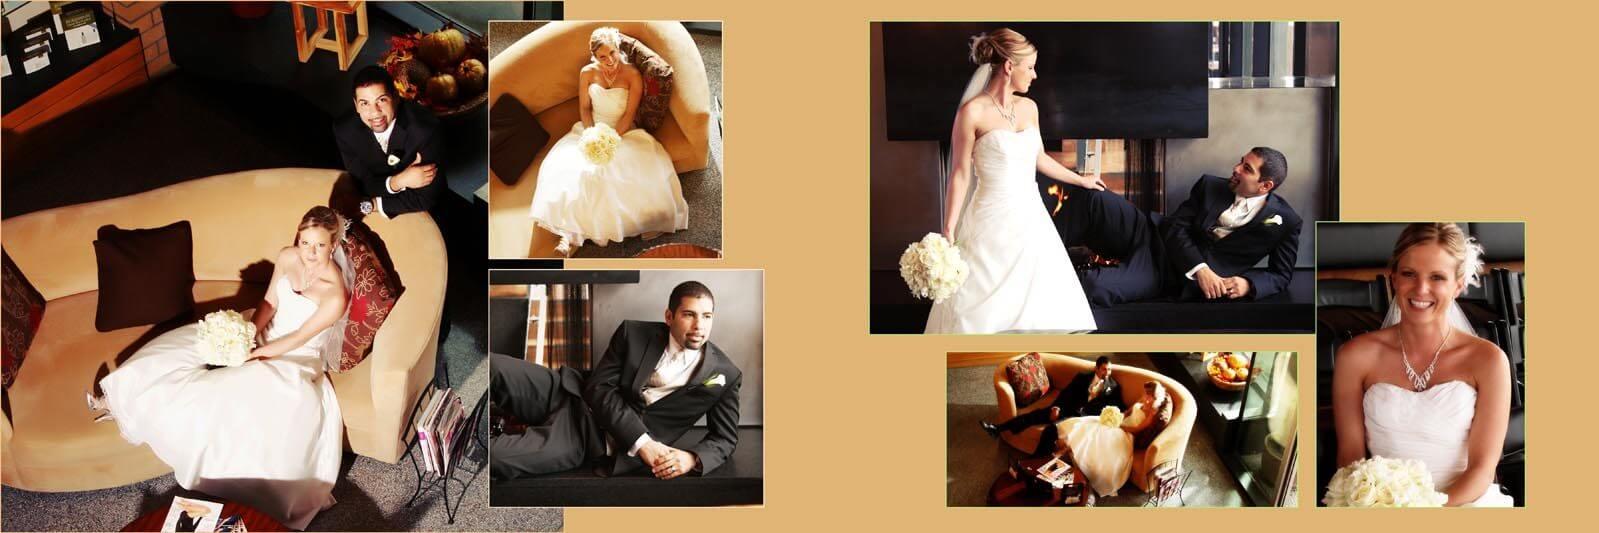 The-Vue-Indoor-Wedding-Venue-Corvallis-Oregon-wedding-photographers012-013.jpg